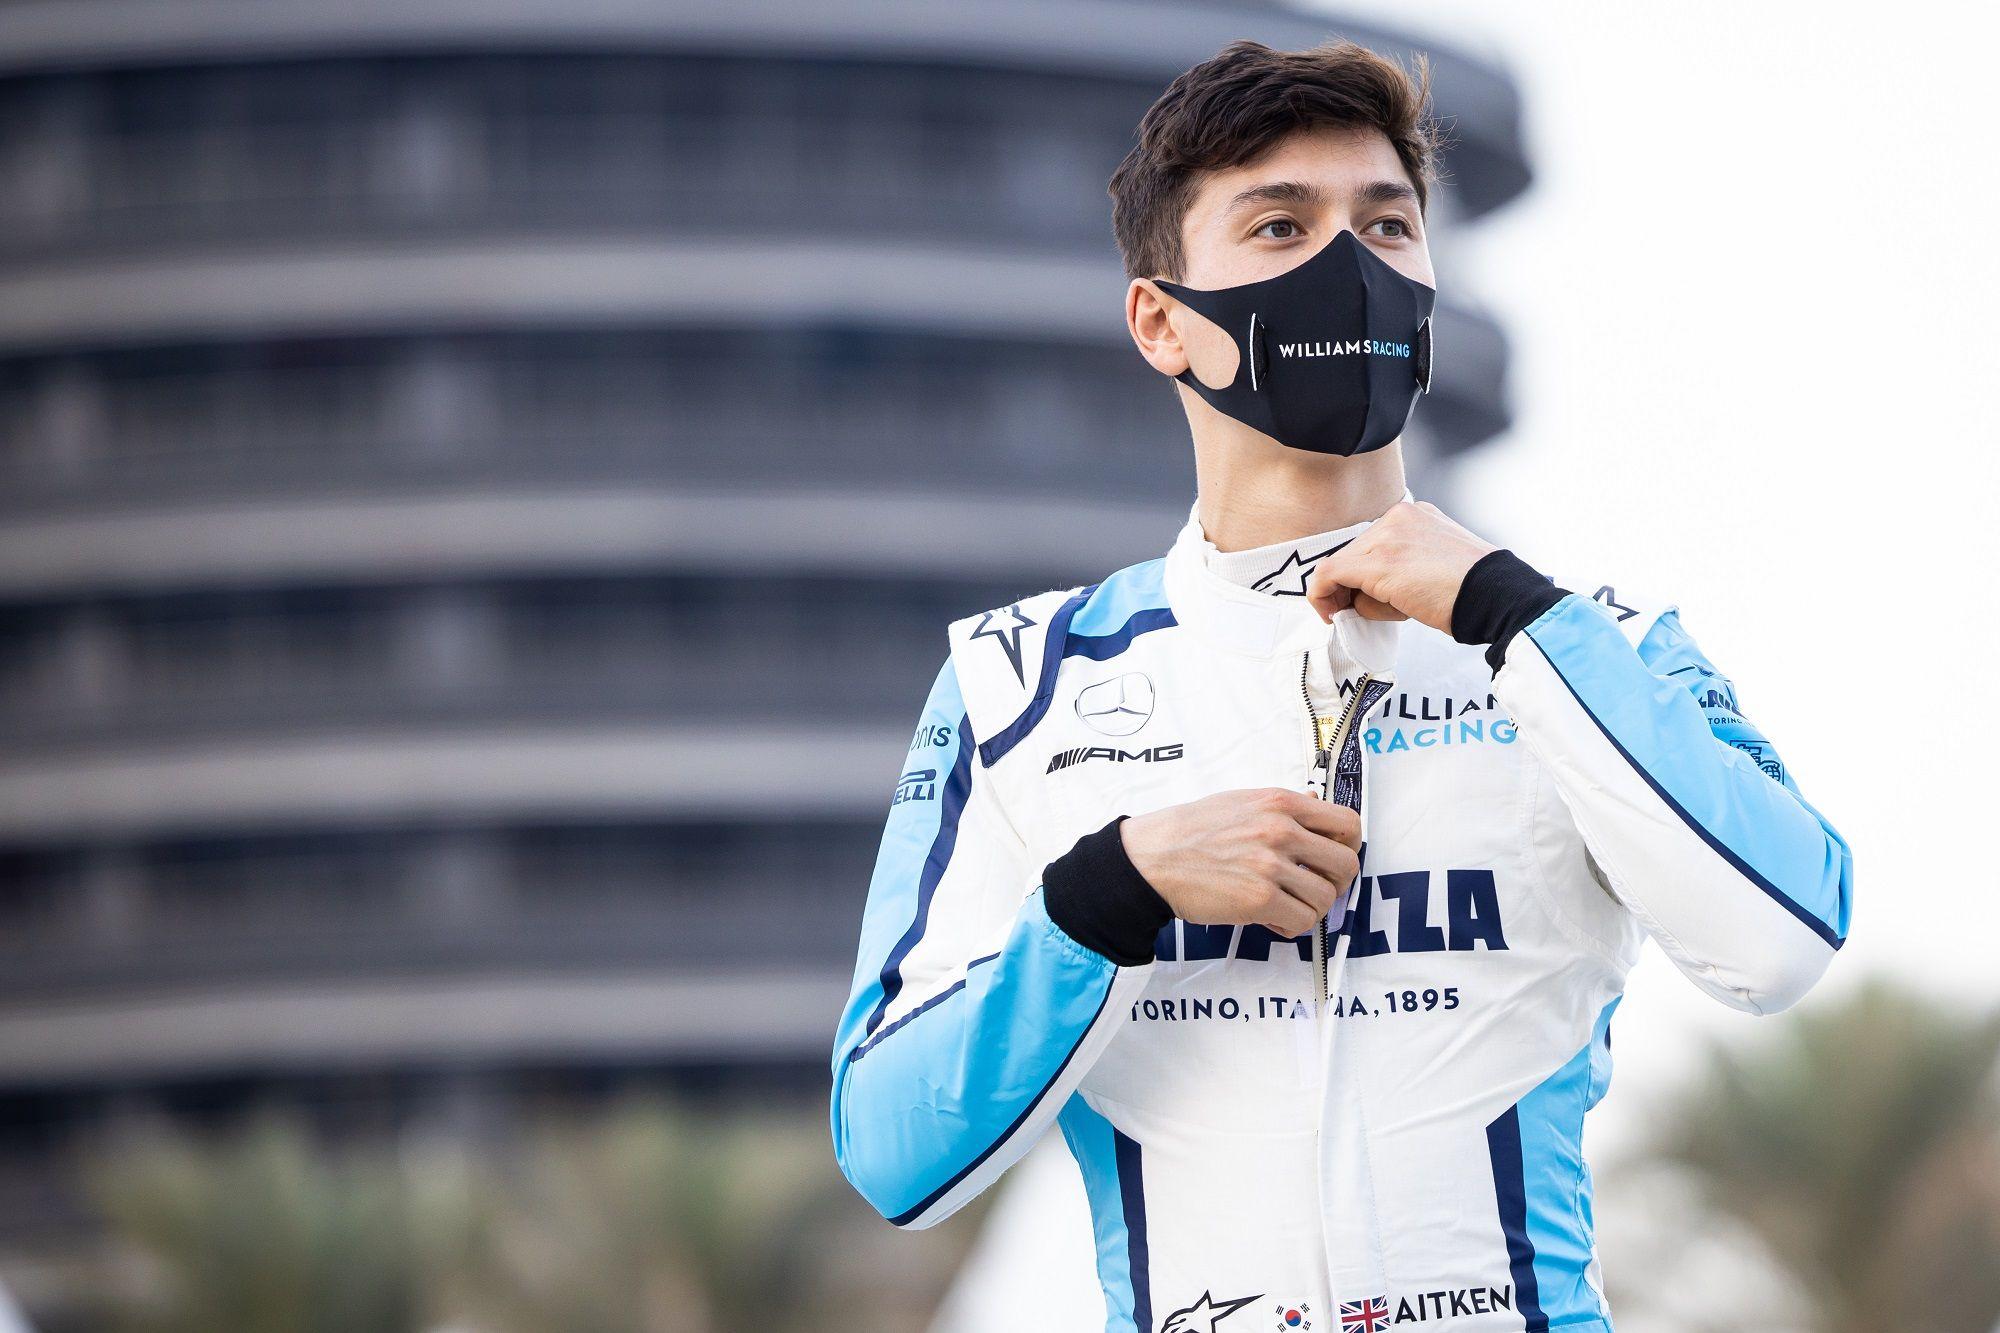 Jack Aitken, Williams, F1